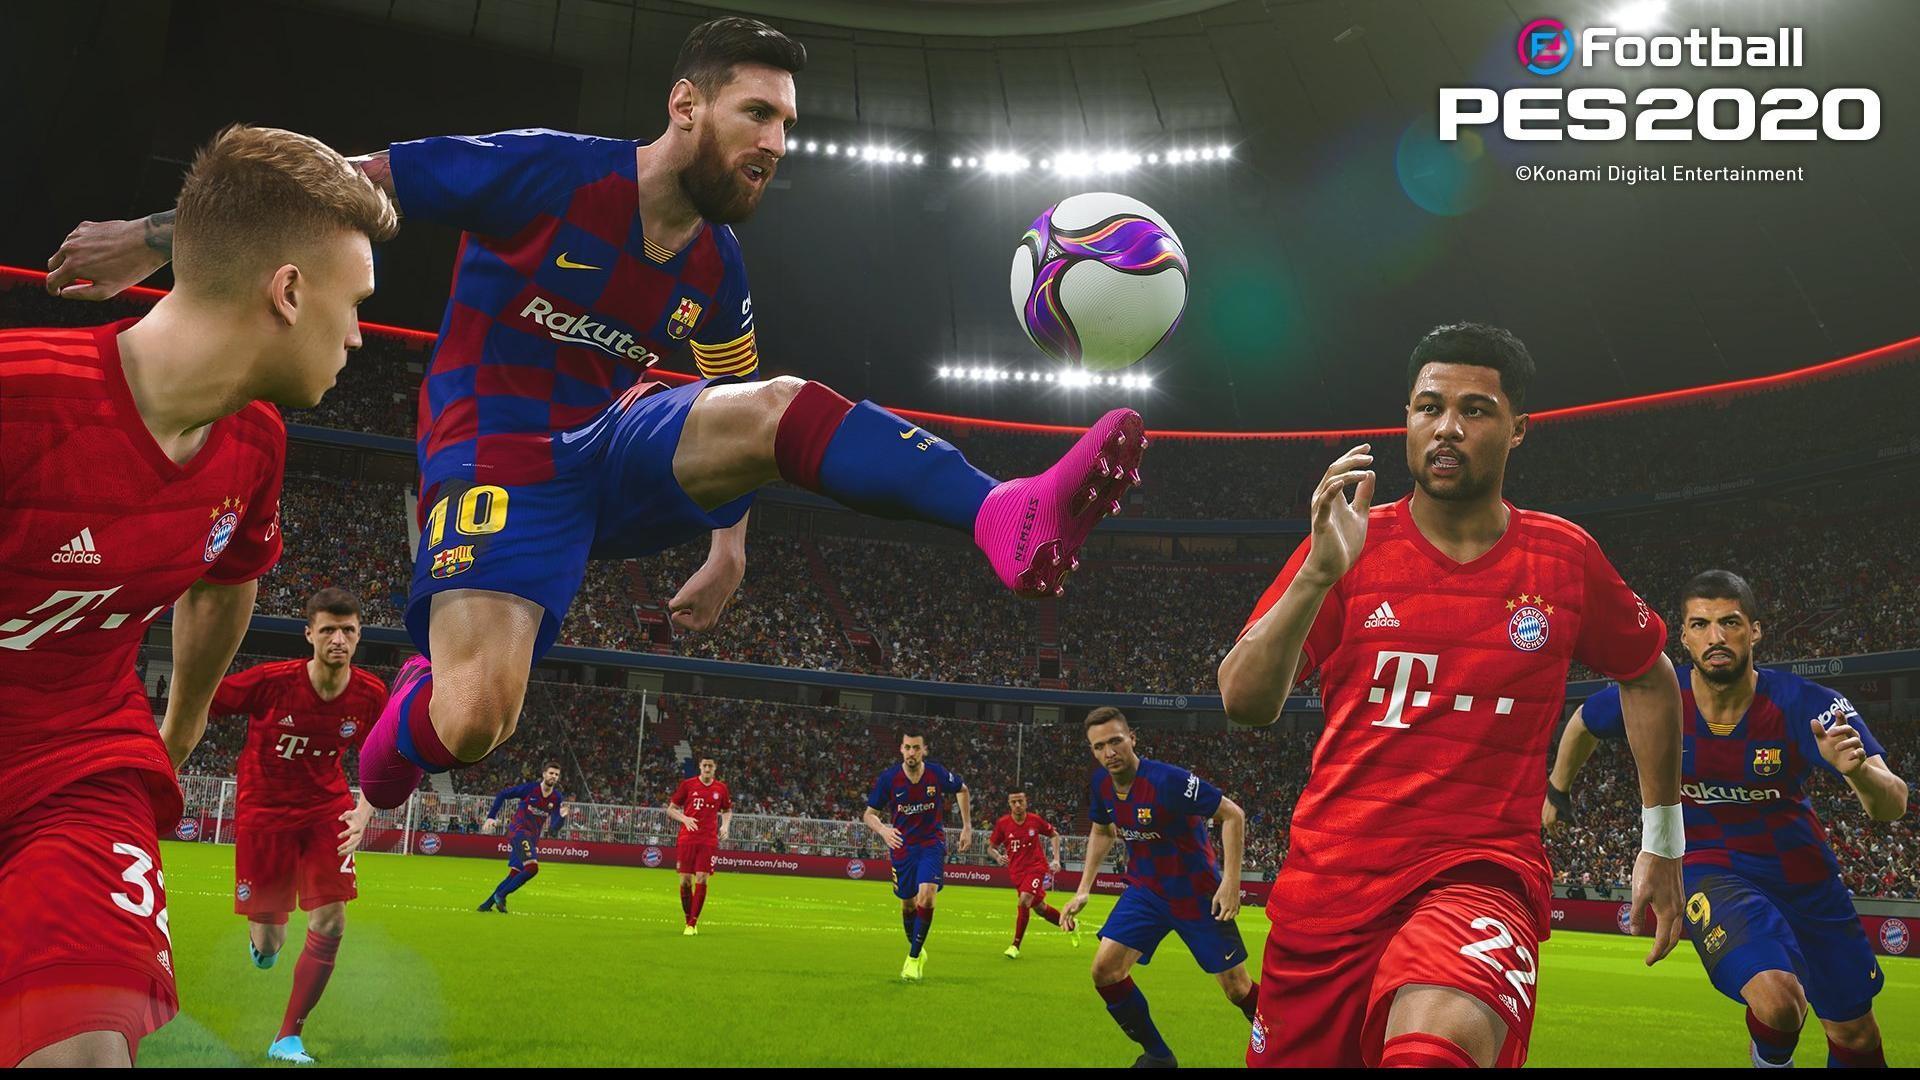 Pro Evolution Soccer 2020 wallpaper